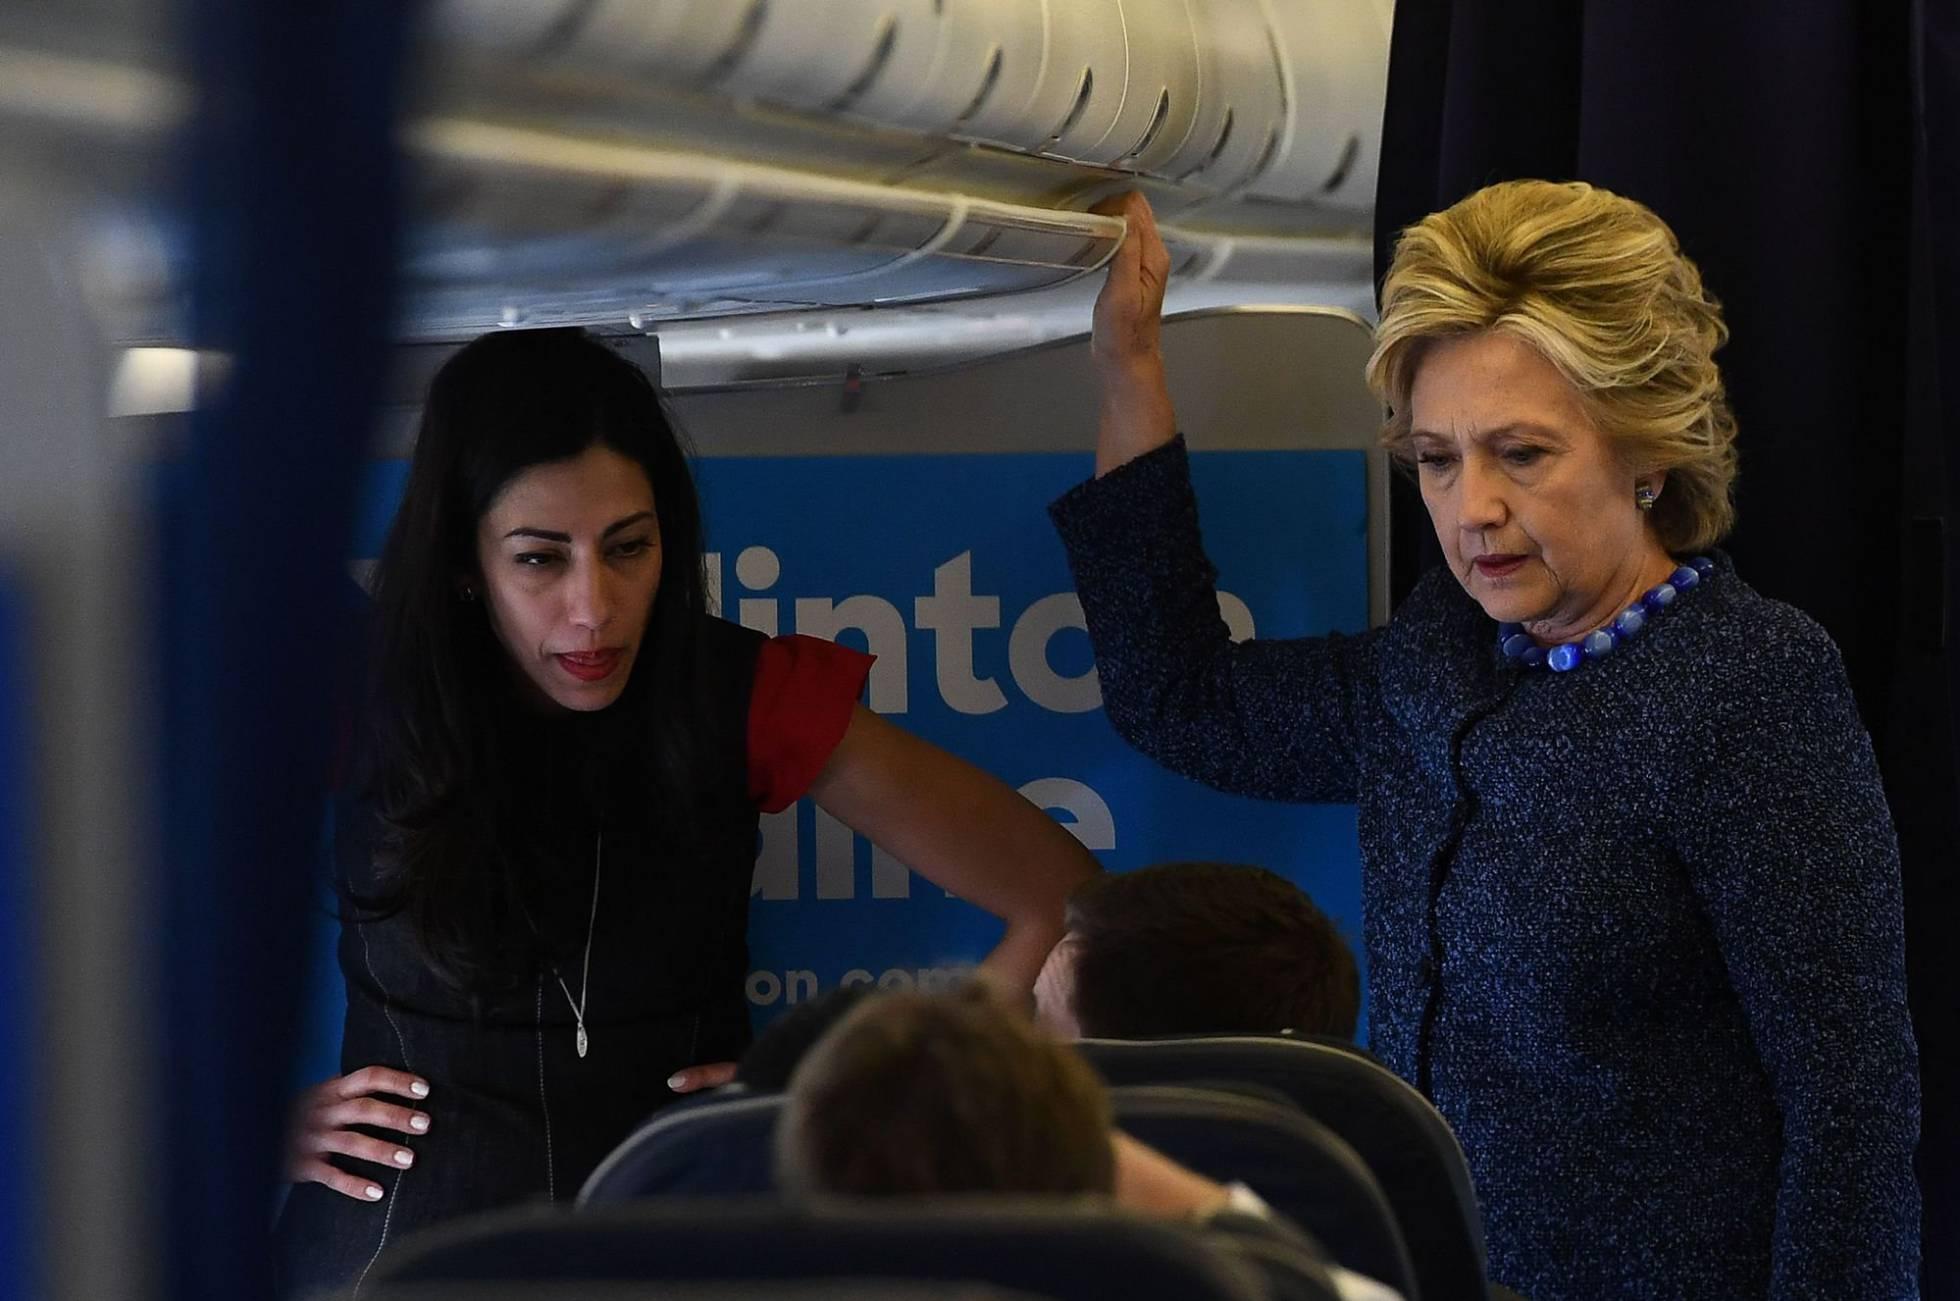 Huma Abedin y Hillary Clinton, en el avión de campaña.